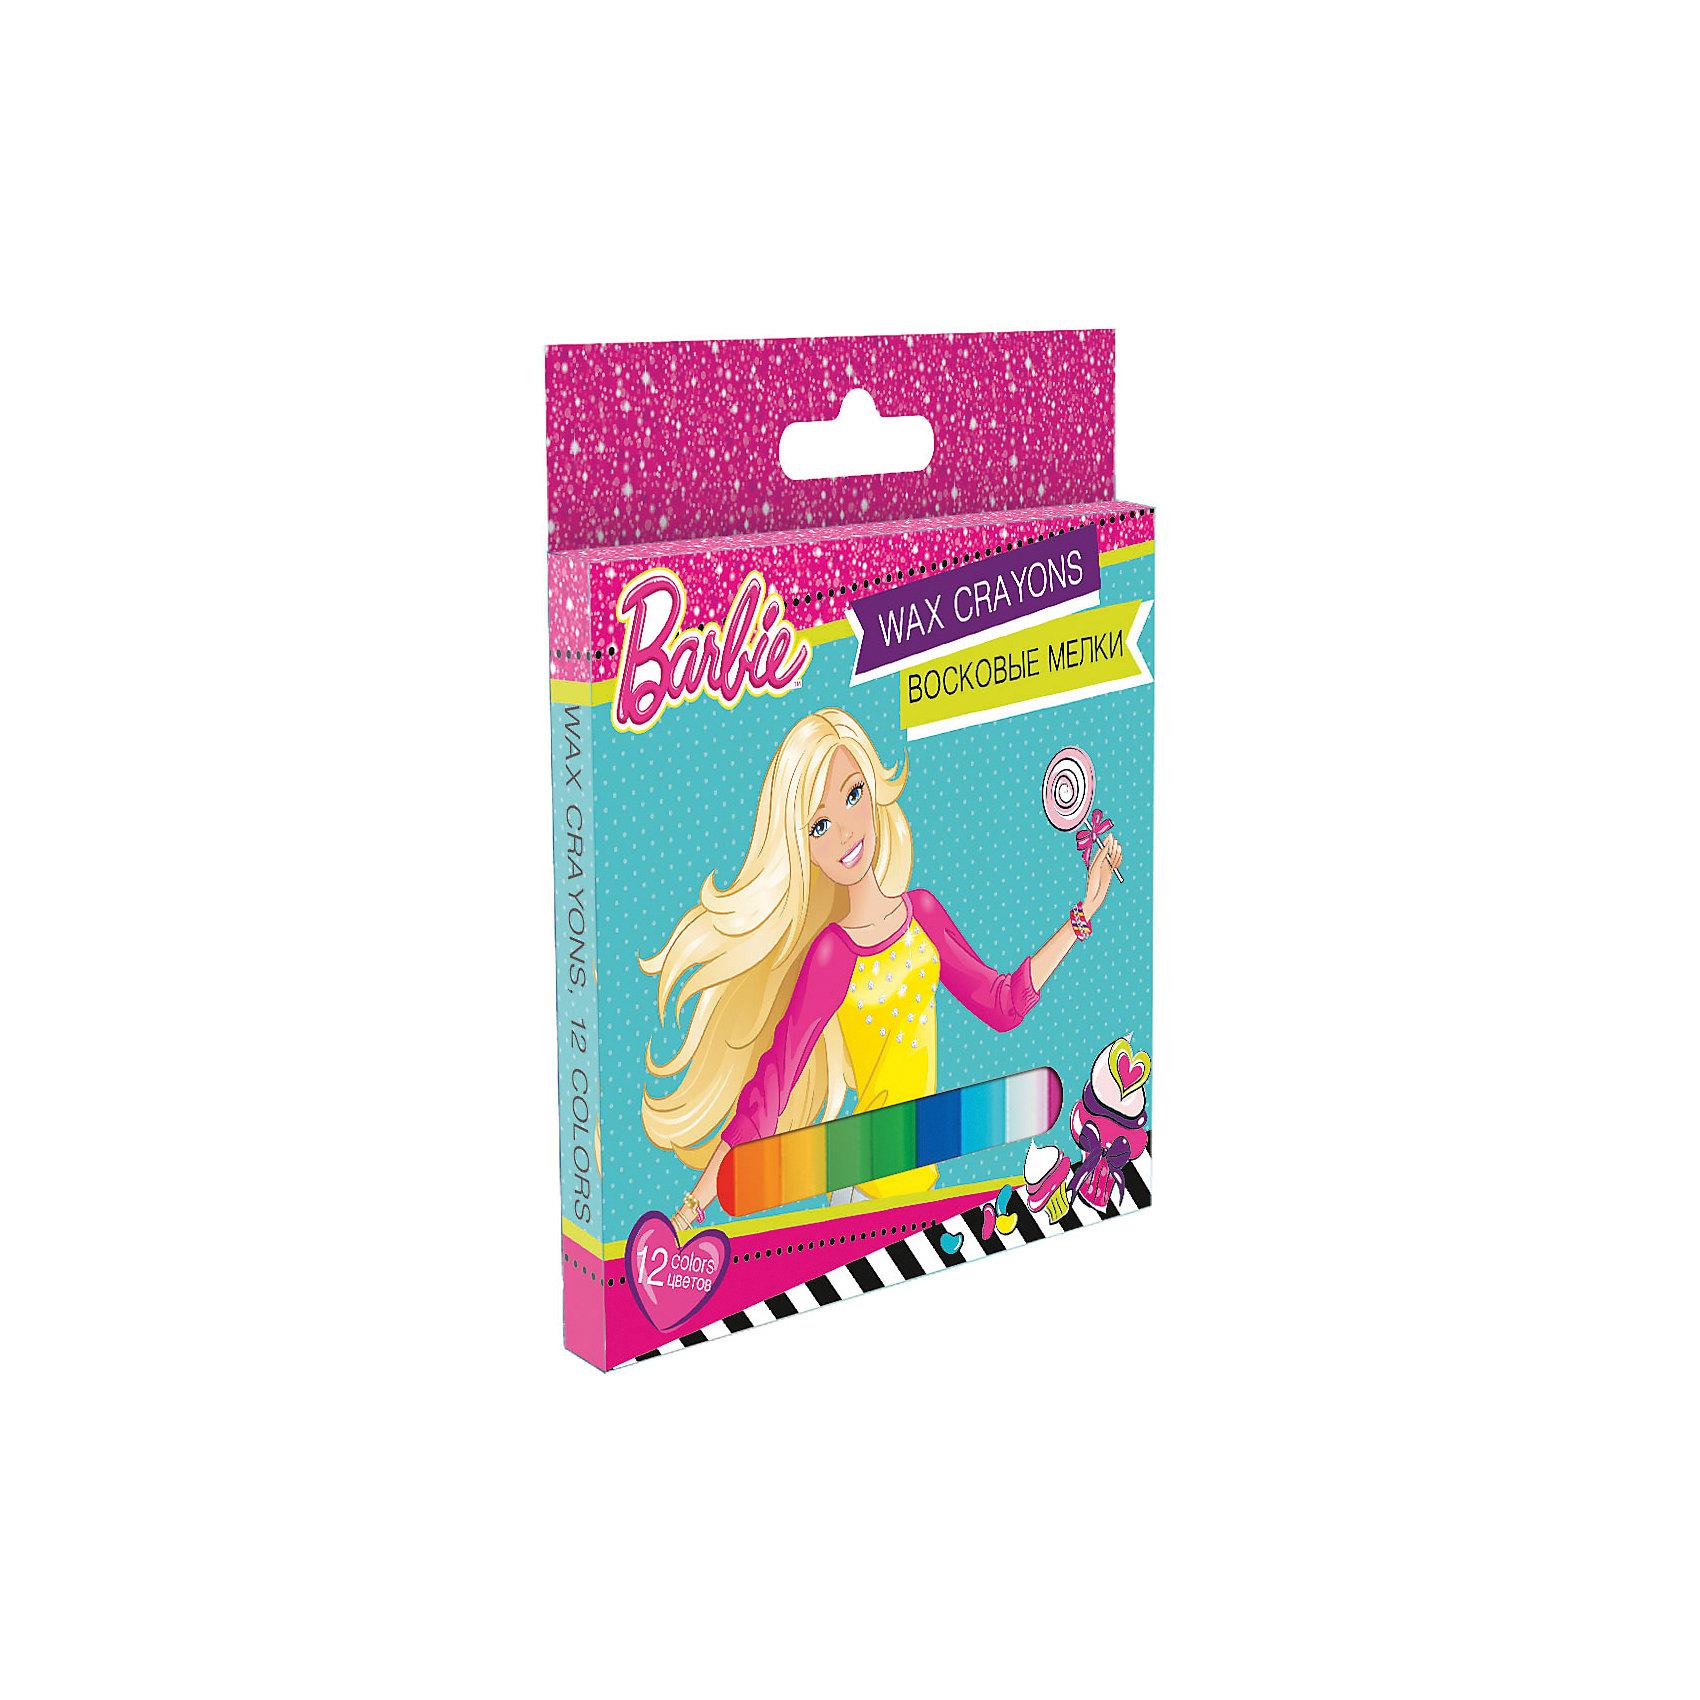 Восковые мелки, 12 цветов, BarbieВосковые мелки, Barbie, замечательно подойдут для рисования на бумаге и картоне. Мелки выполнены в форме карандашей и очень удобны в использовании. Благодаря своей мягкости, они прекрасно рисуют и обладают насыщенными цветами, что помогает создавать яркие картинки. Все мелки покрыты специальной оберткой, чтобы ребенок не испачкался во время рисования. В комплекте 12 разноцветных восковых мелков, упакованных в картонную розовую коробочку с изображением красавицы Барби. <br><br><br>Дополнительная информация:<br><br>- В комплекте: 12 штук.<br>- Размер одного мелка: 10 х ? 1,1 см.<br>- Размер упаковки: 12,5 х 1 x 13 см.<br>- Вес: 0,24 кг.<br><br>Восковые мелки, 12 цветов, Barbie, можно купить в нашем интернет-магазине.<br><br>Ширина мм: 10<br>Глубина мм: 130<br>Высота мм: 120<br>Вес г: 14<br>Возраст от месяцев: 96<br>Возраст до месяцев: 108<br>Пол: Женский<br>Возраст: Детский<br>SKU: 4681127